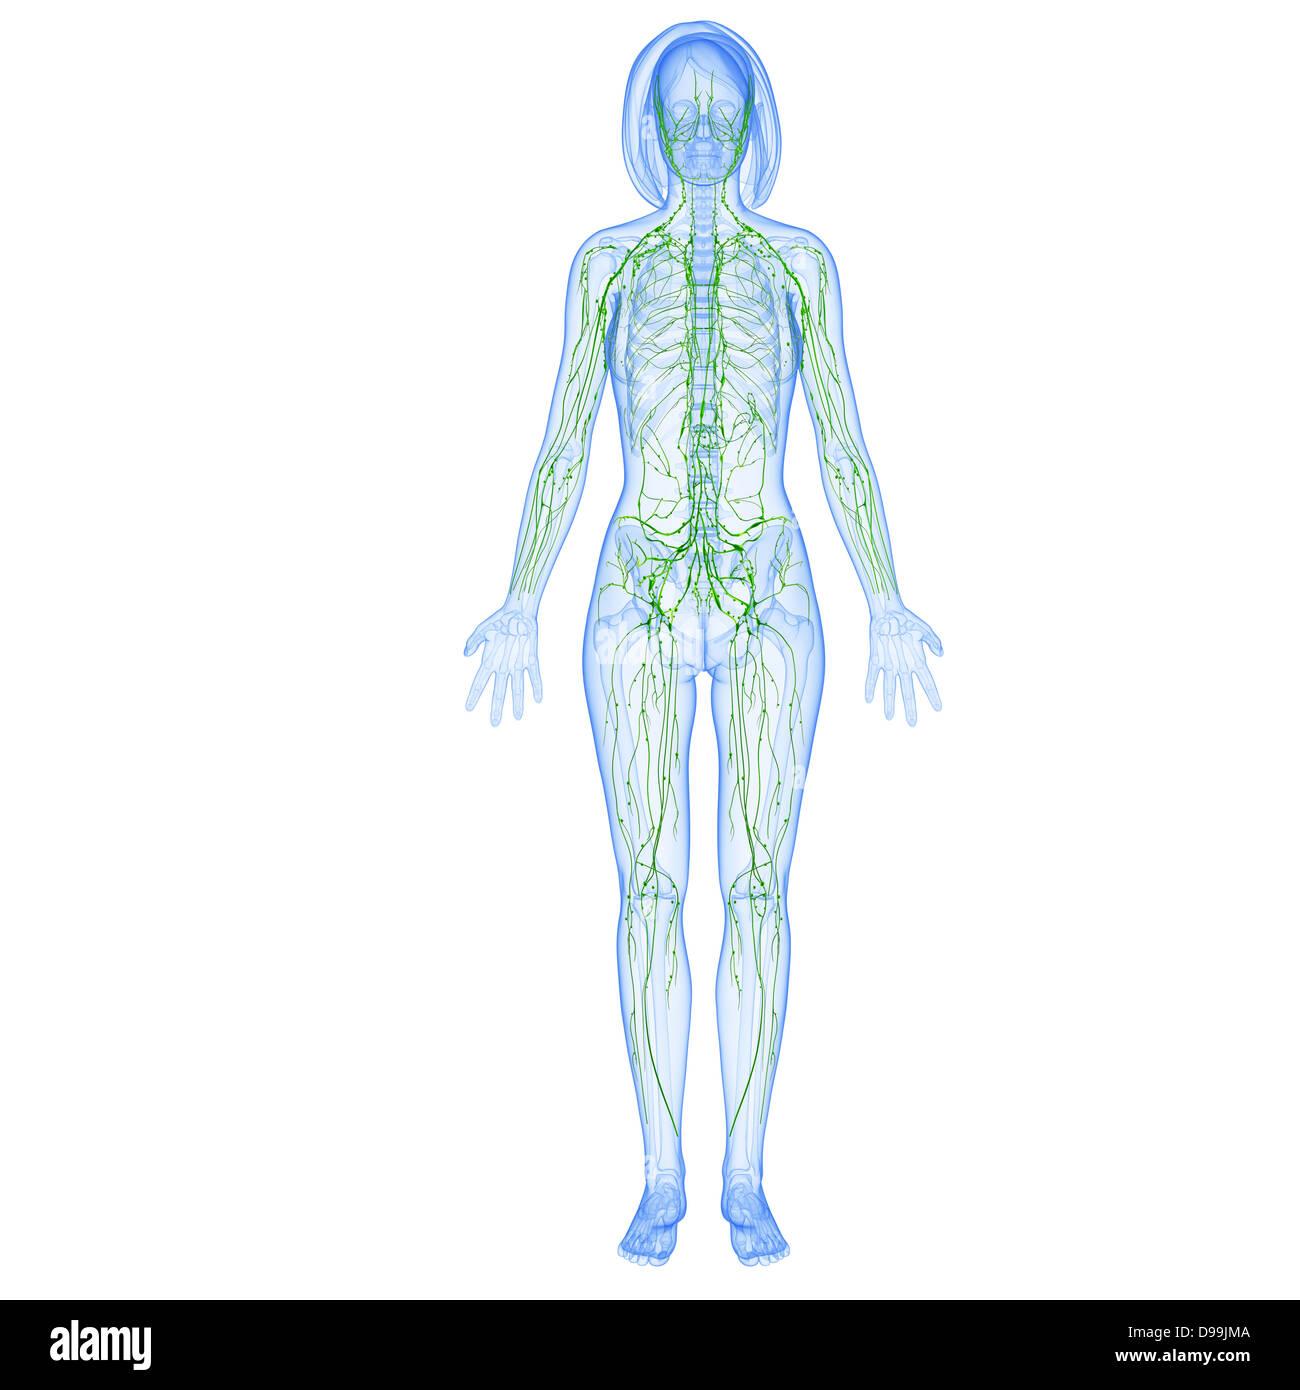 Wunderbar Bild Der Weiblichen Organe Des Körpers Fotos - Anatomie ...